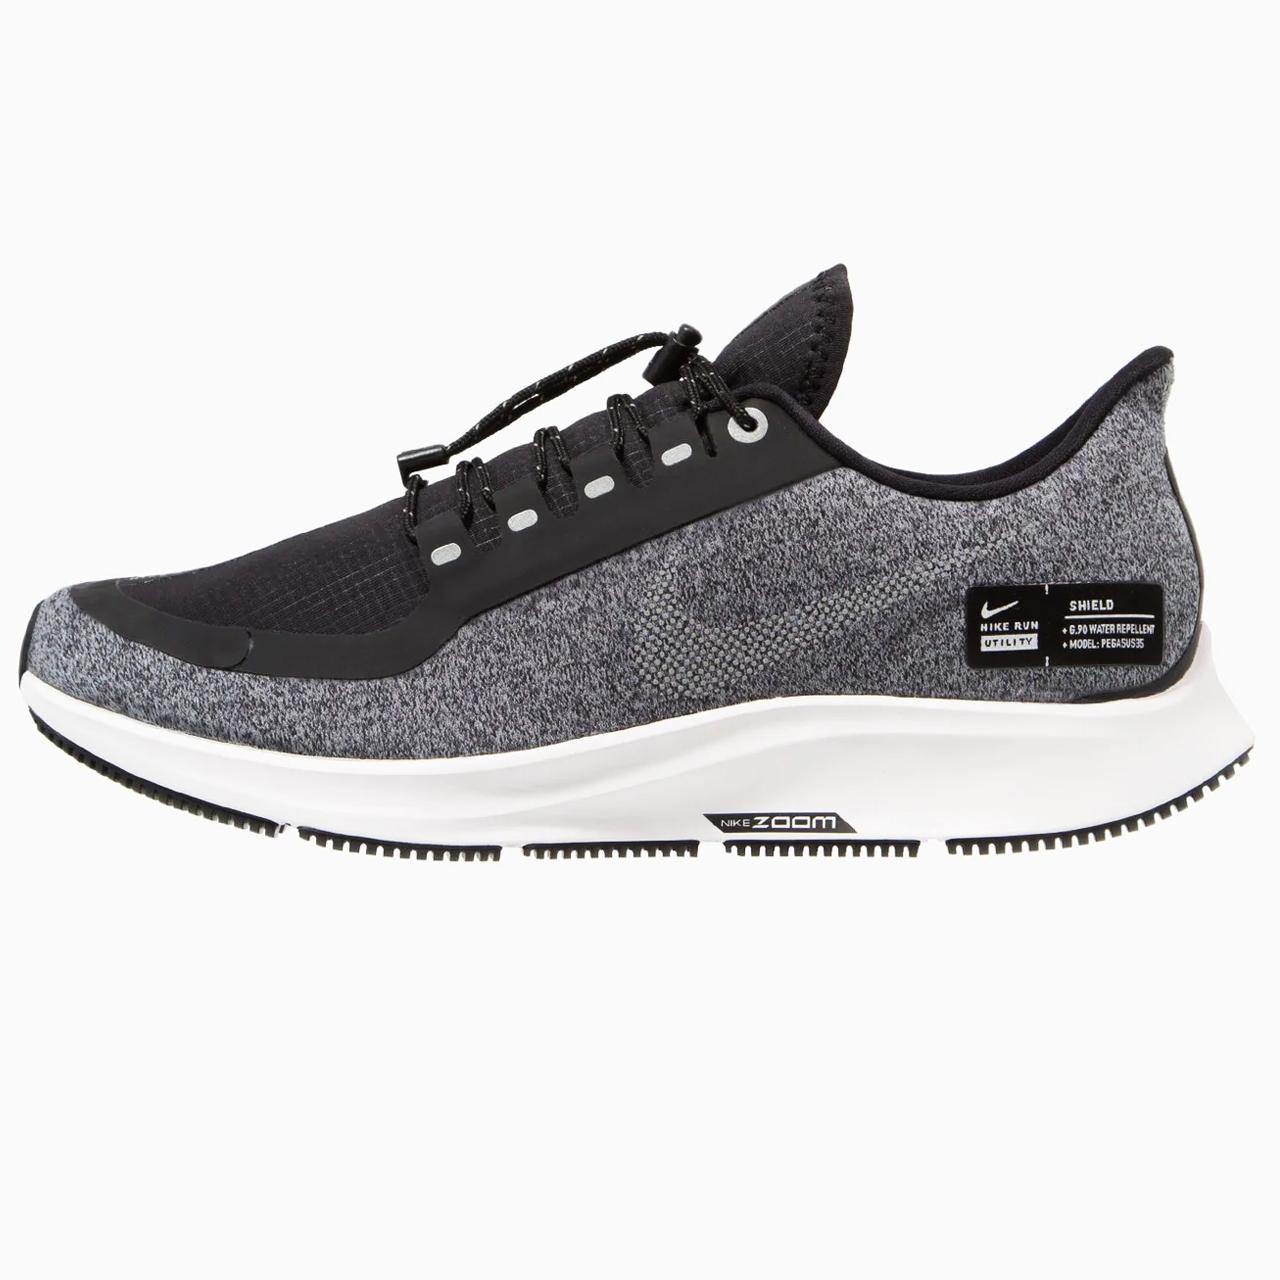 قیمت کفش مخصوص مردانه نایکی مدل Air zoom pegasus 35 shield کد 898409